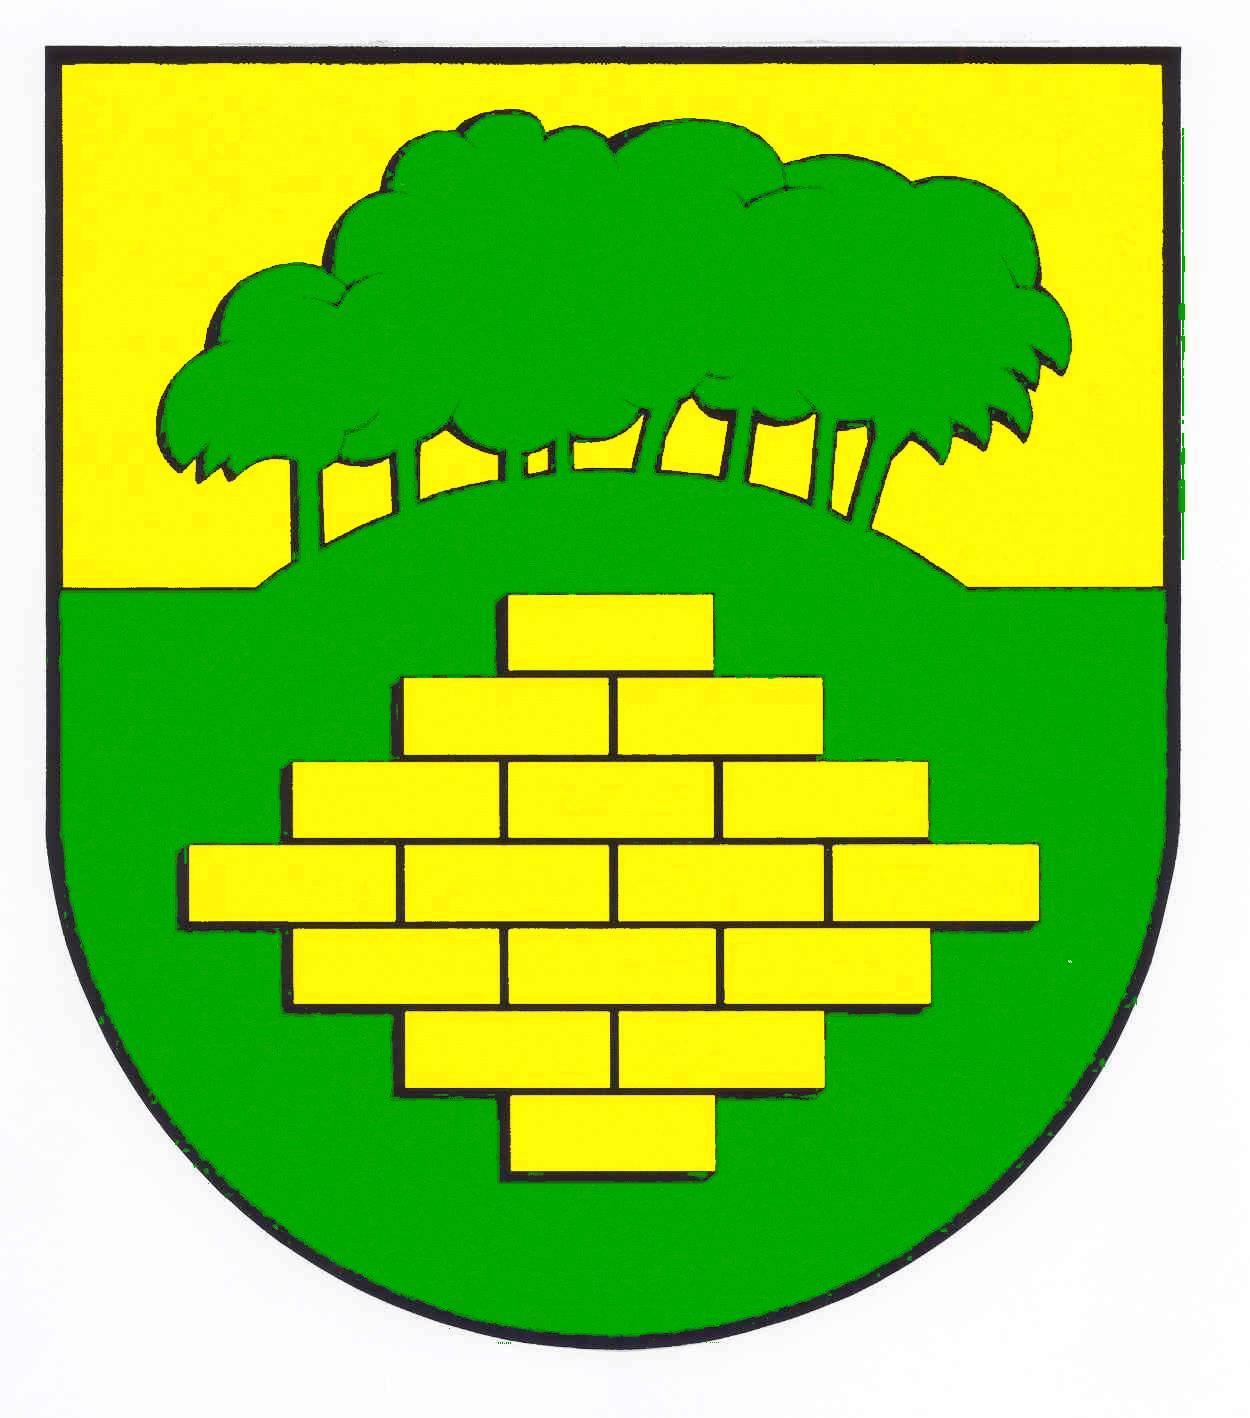 Wappen GemeindeWarringholz, Kreis Steinburg